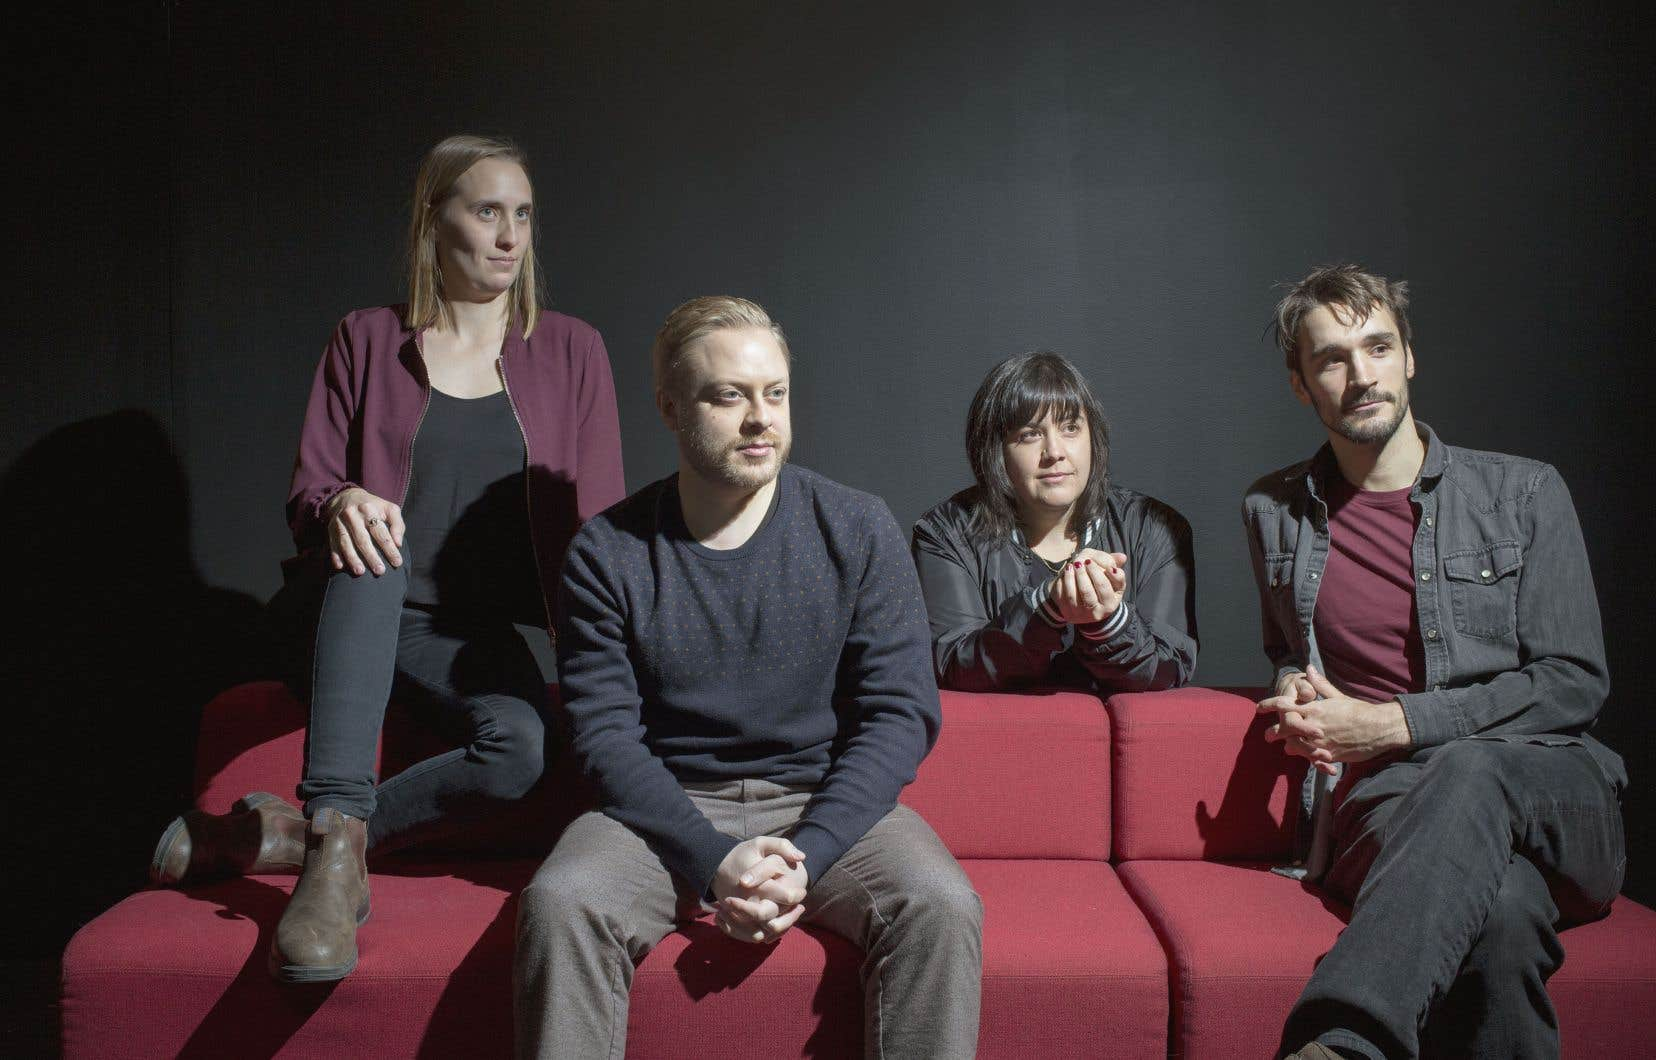 Les cinéastes Sophie Dupuis, Guillaume Lambert, Jeanne Leblanc et Pascal Plante